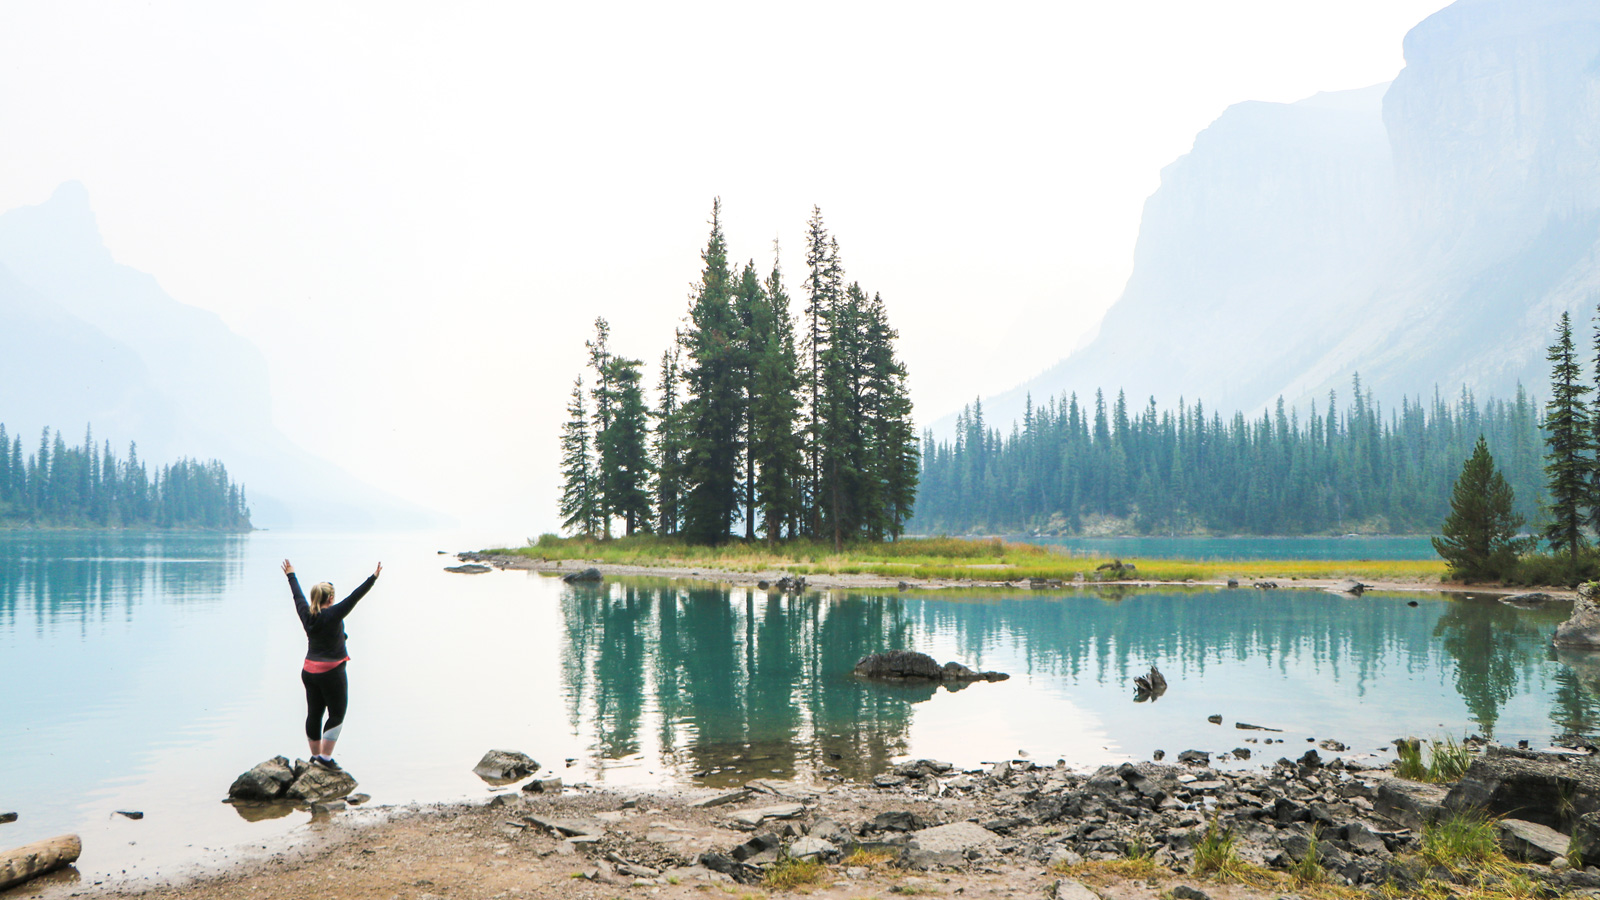 Kanada & die Rockies Rundreise Gruppenreise für junge Leute traveljunkies